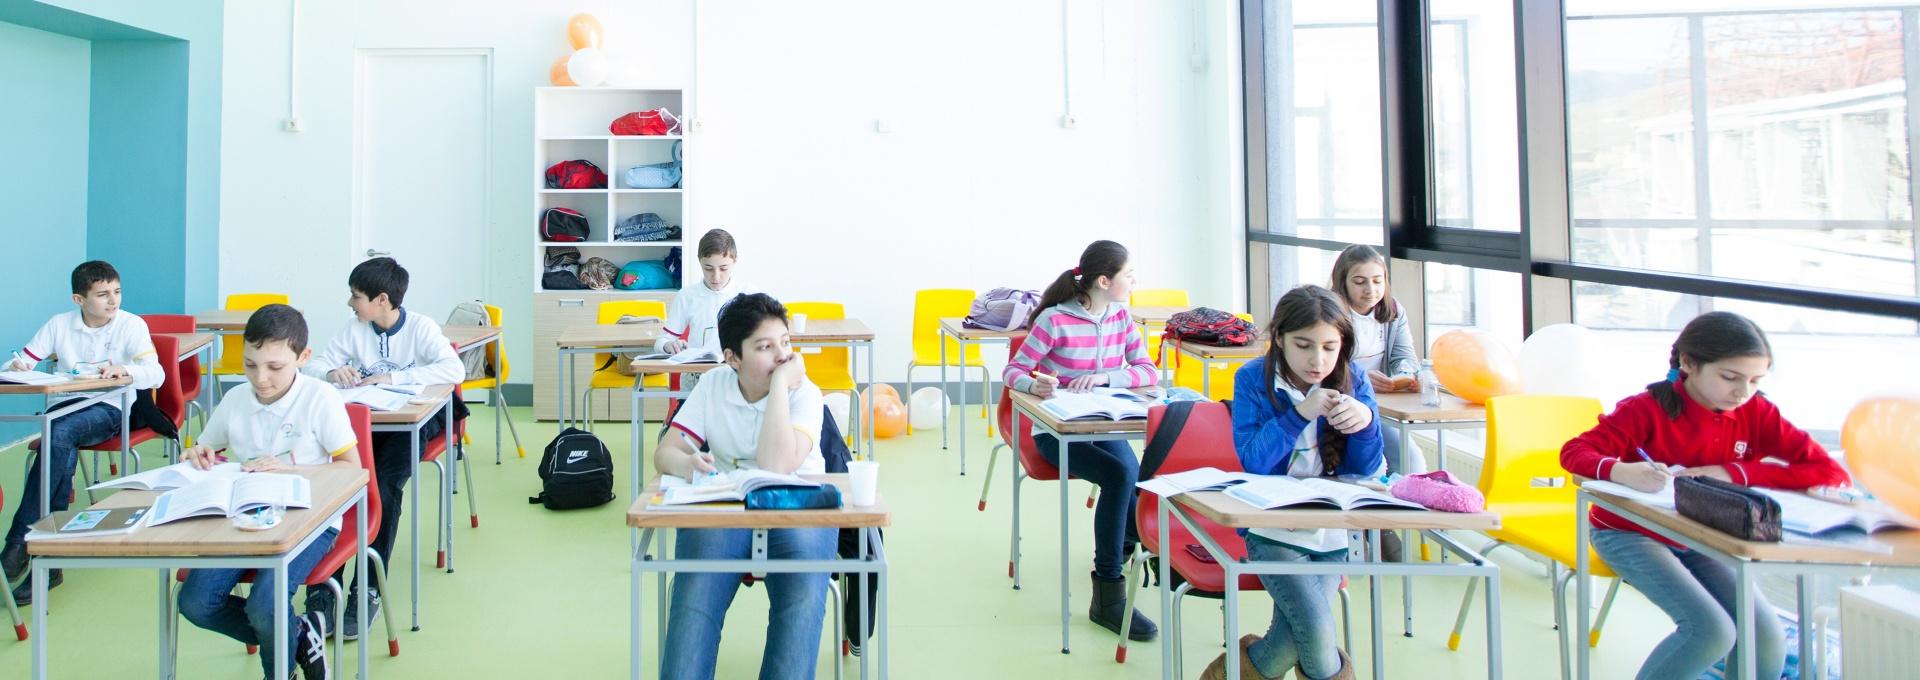 Դիլիջանի կենտրոնական դպրոց